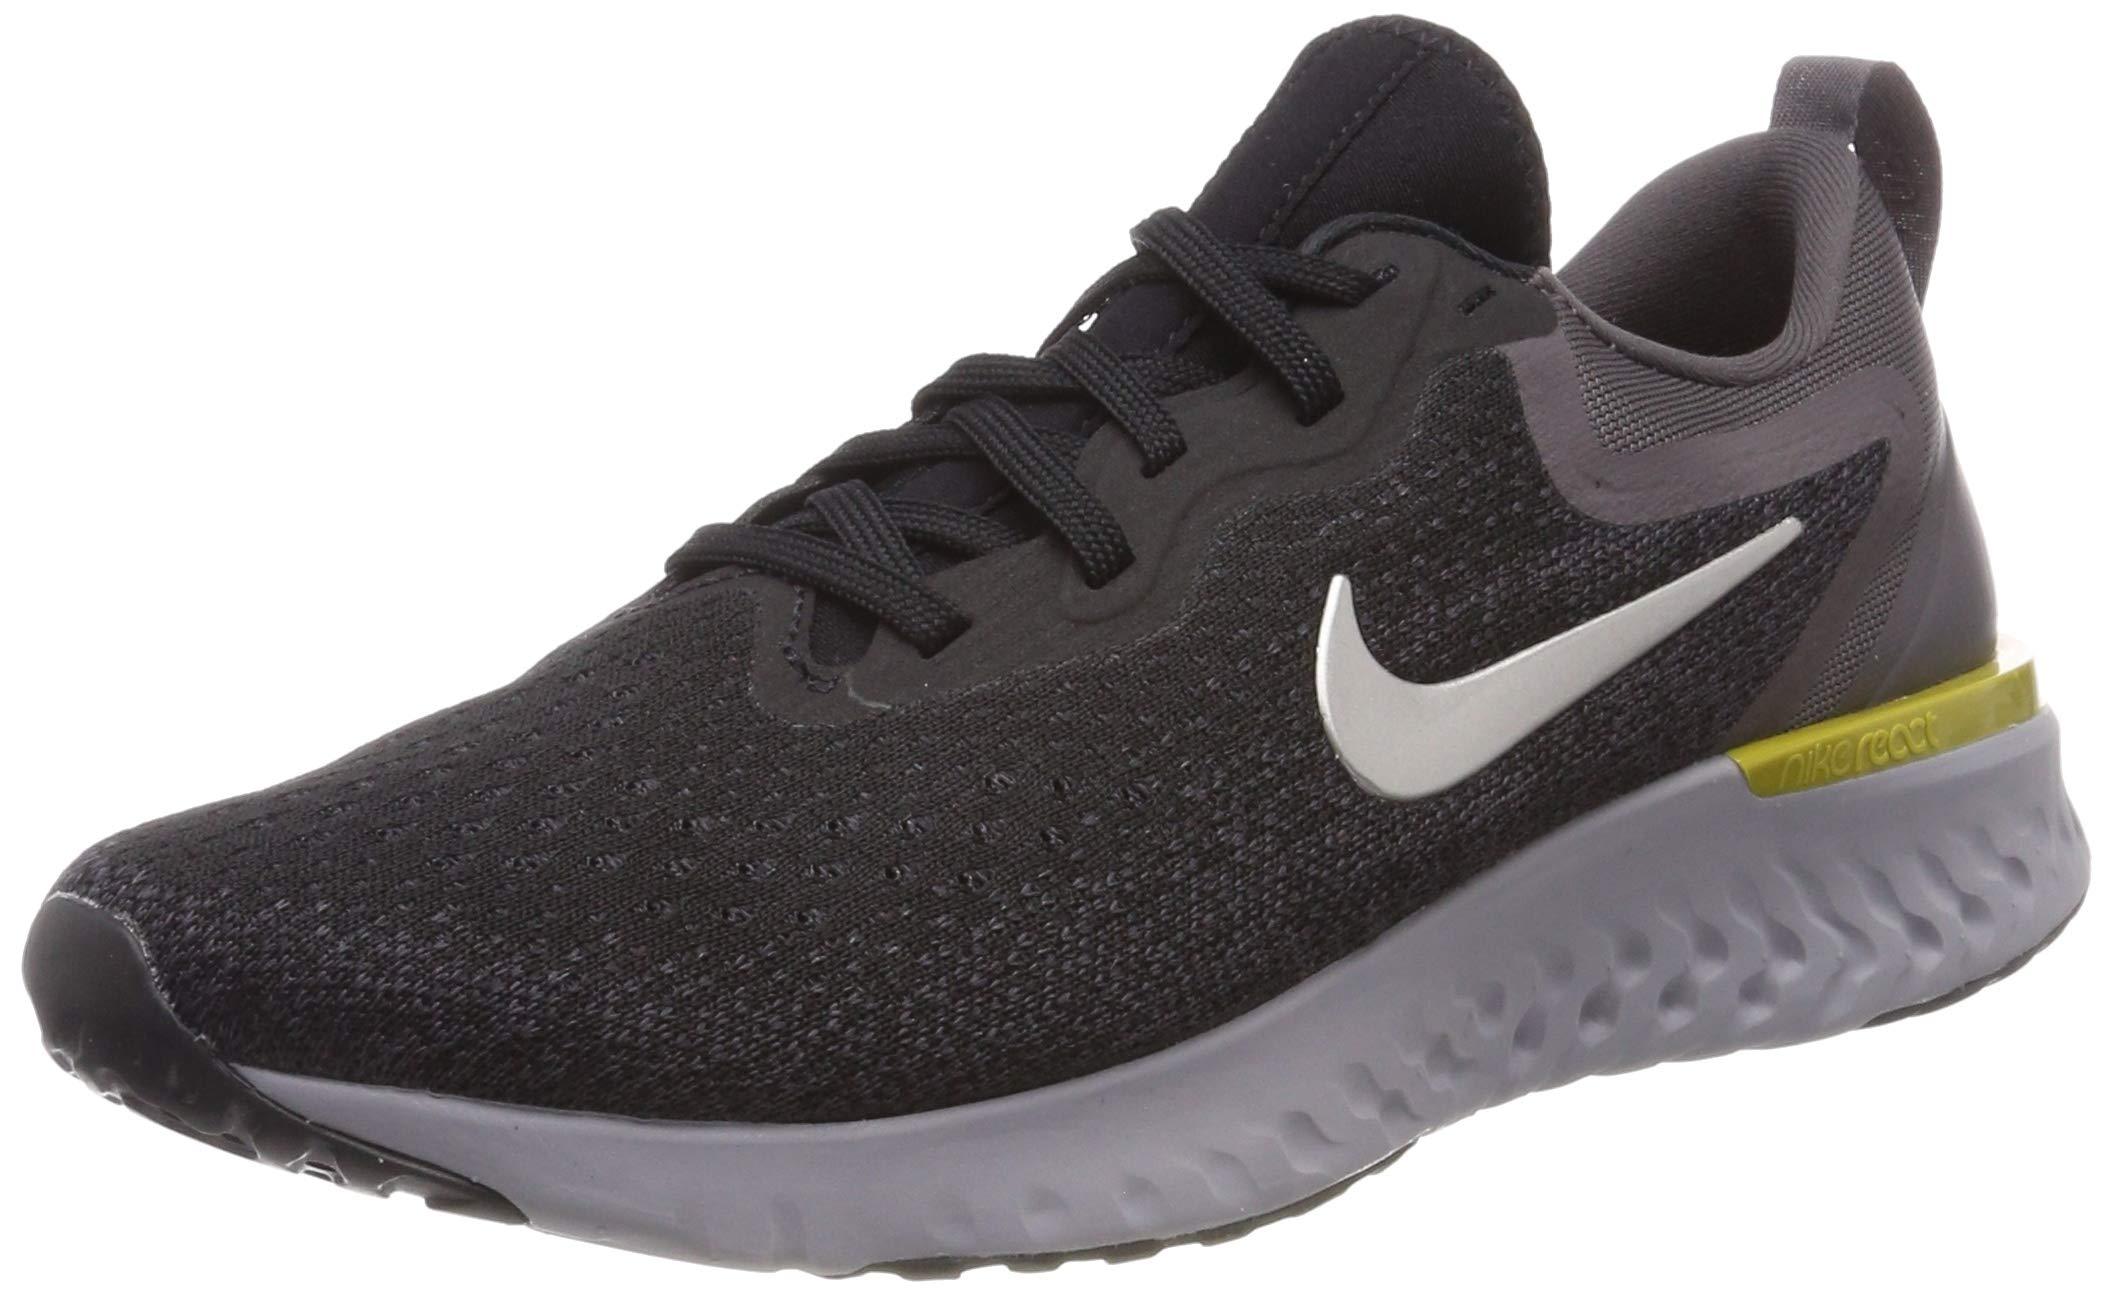 Nike Men's Odyssey React Running Shoe, Black/Metallic Pewter-Thunder Grey, 7.5 by Nike (Image #1)